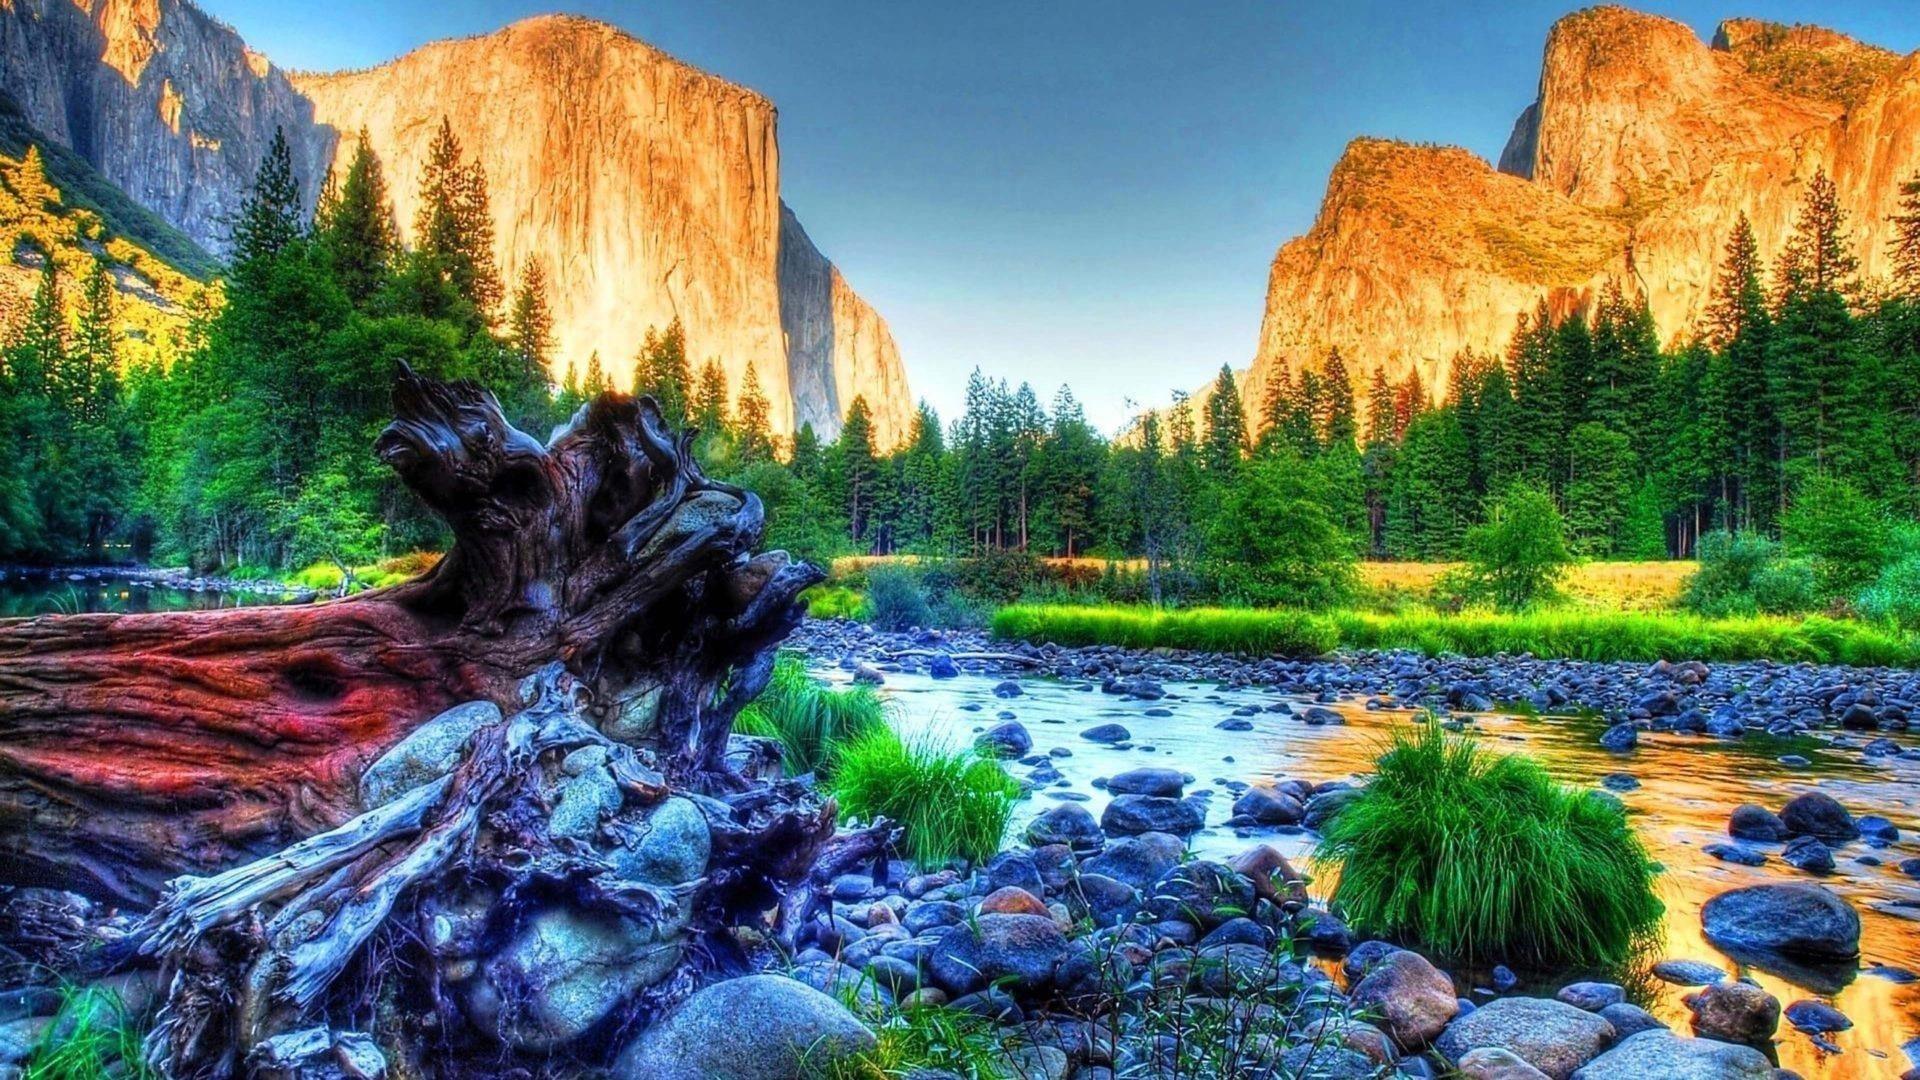 Камень галька скалы горы зеленая трава поле деревья голубое небо фон ствол дерева природа обои скачать